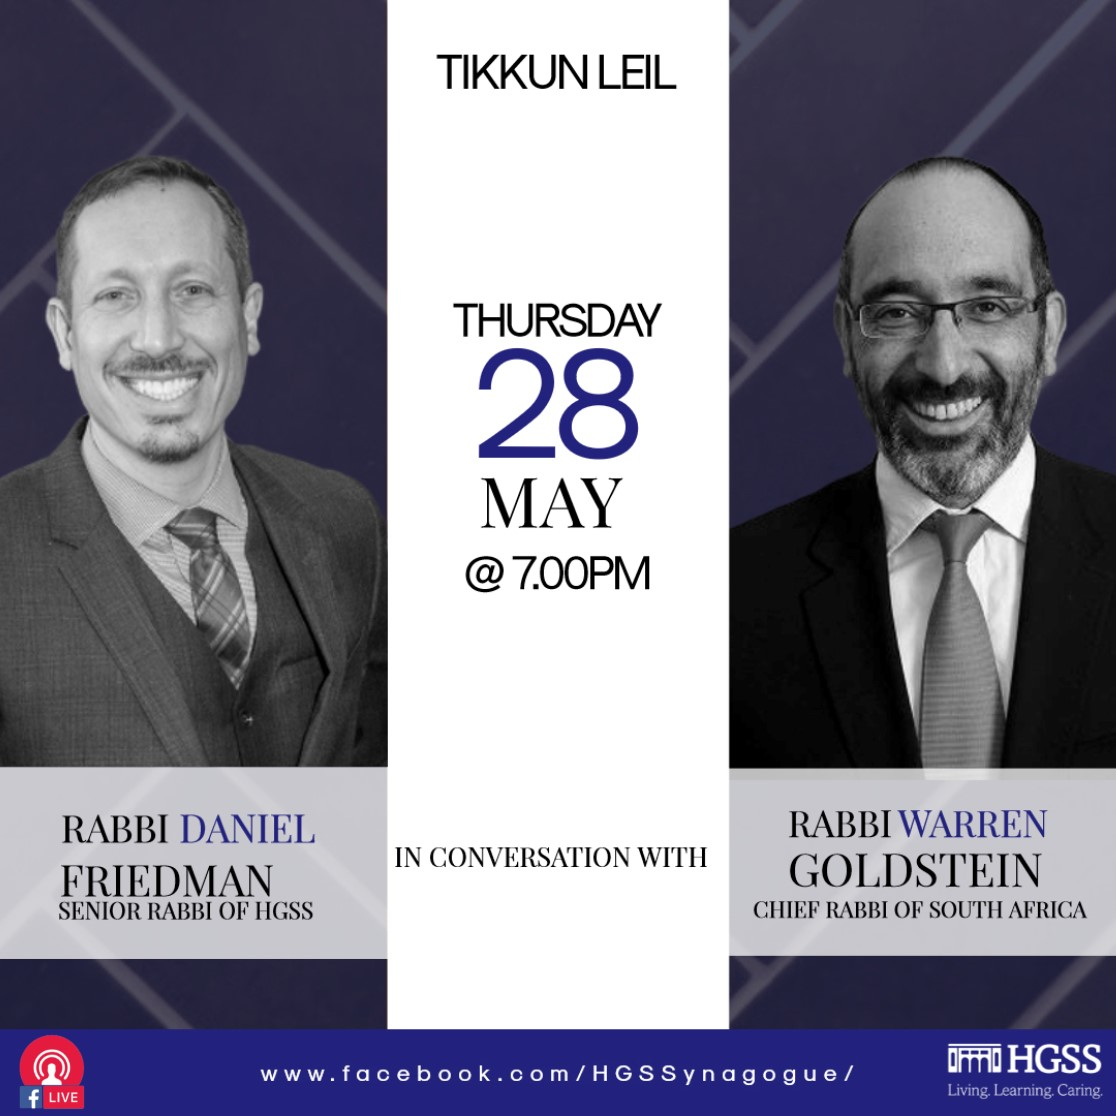 Tikkun Leil - Rabbi Friedman in conversation with Chief Rabbi Warren Goldstein @ Online